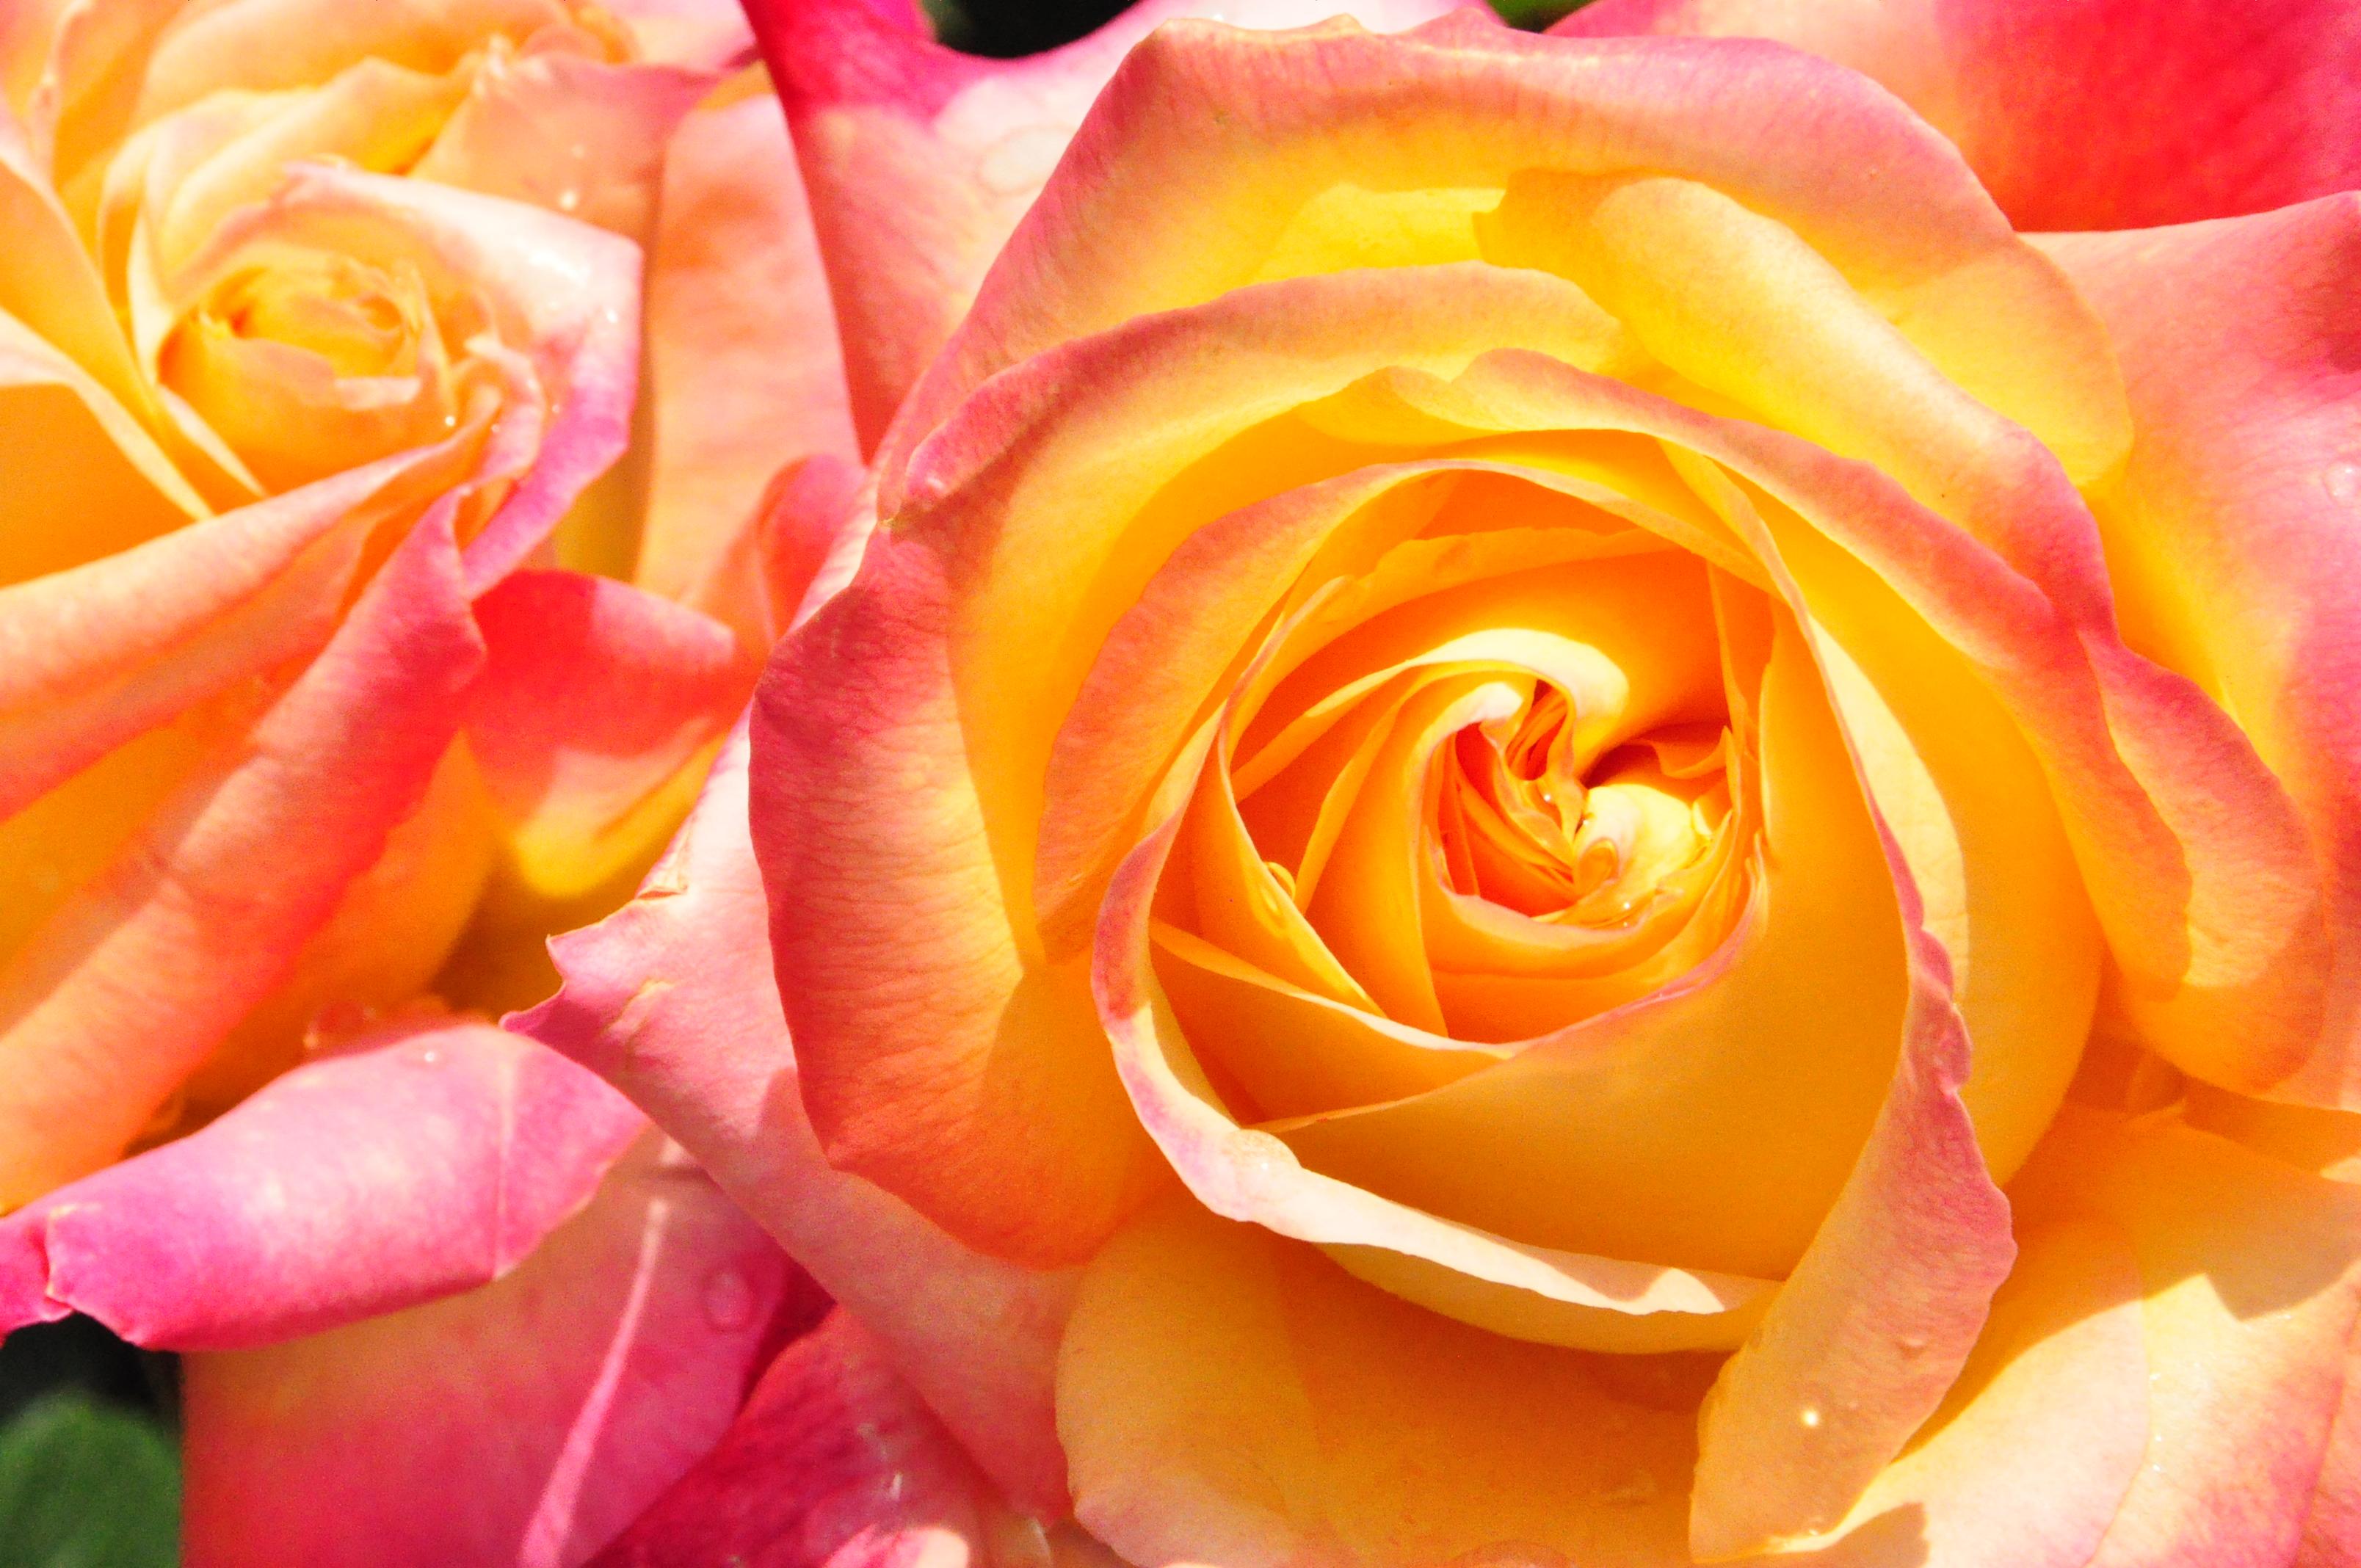 garden full of roses kleine grosse welt. Black Bedroom Furniture Sets. Home Design Ideas